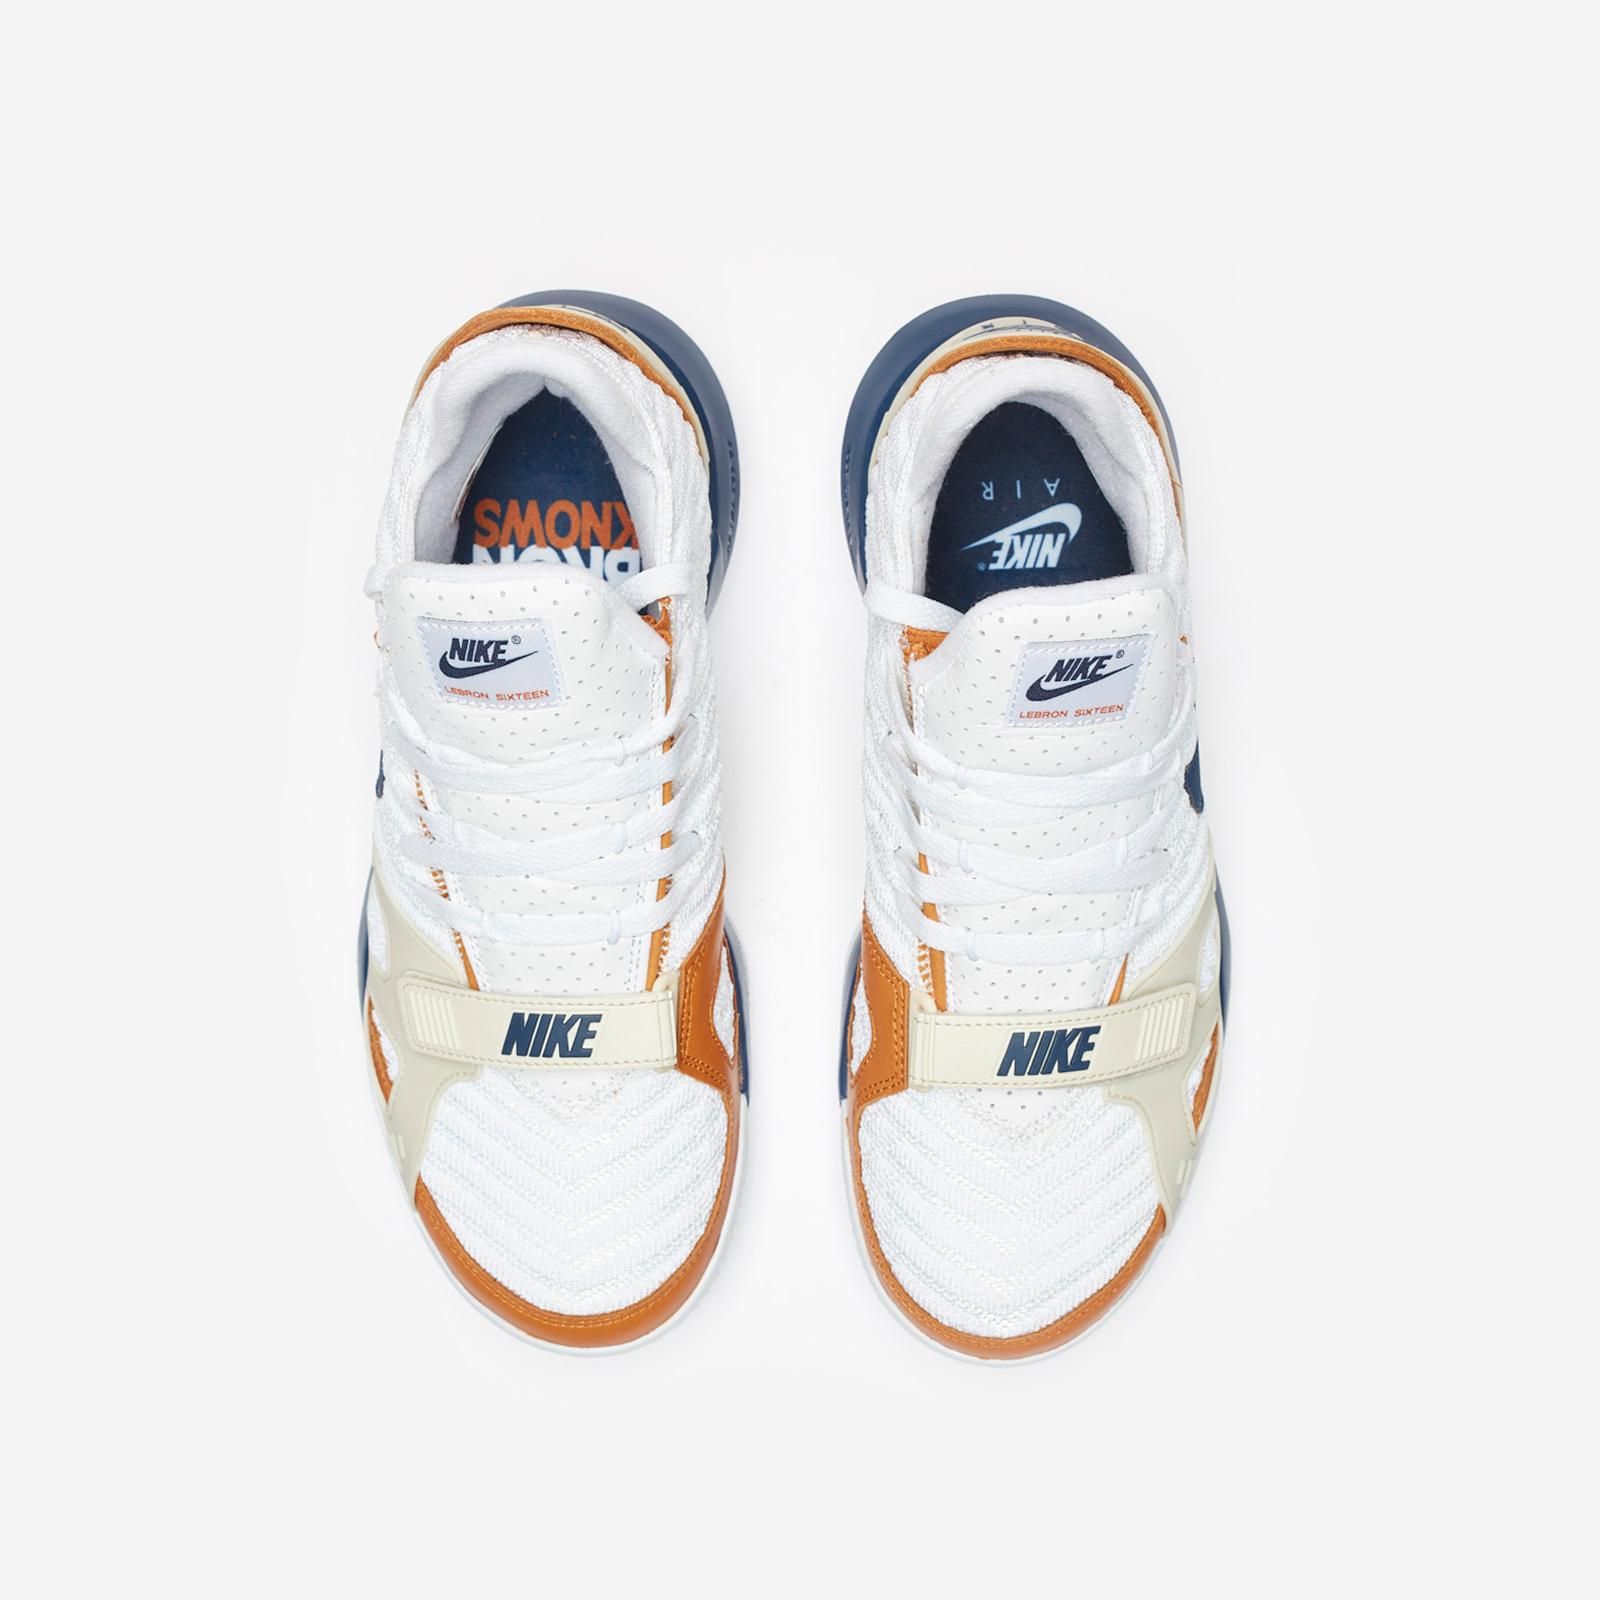 Nike LeBron XVI - Cd7089-100